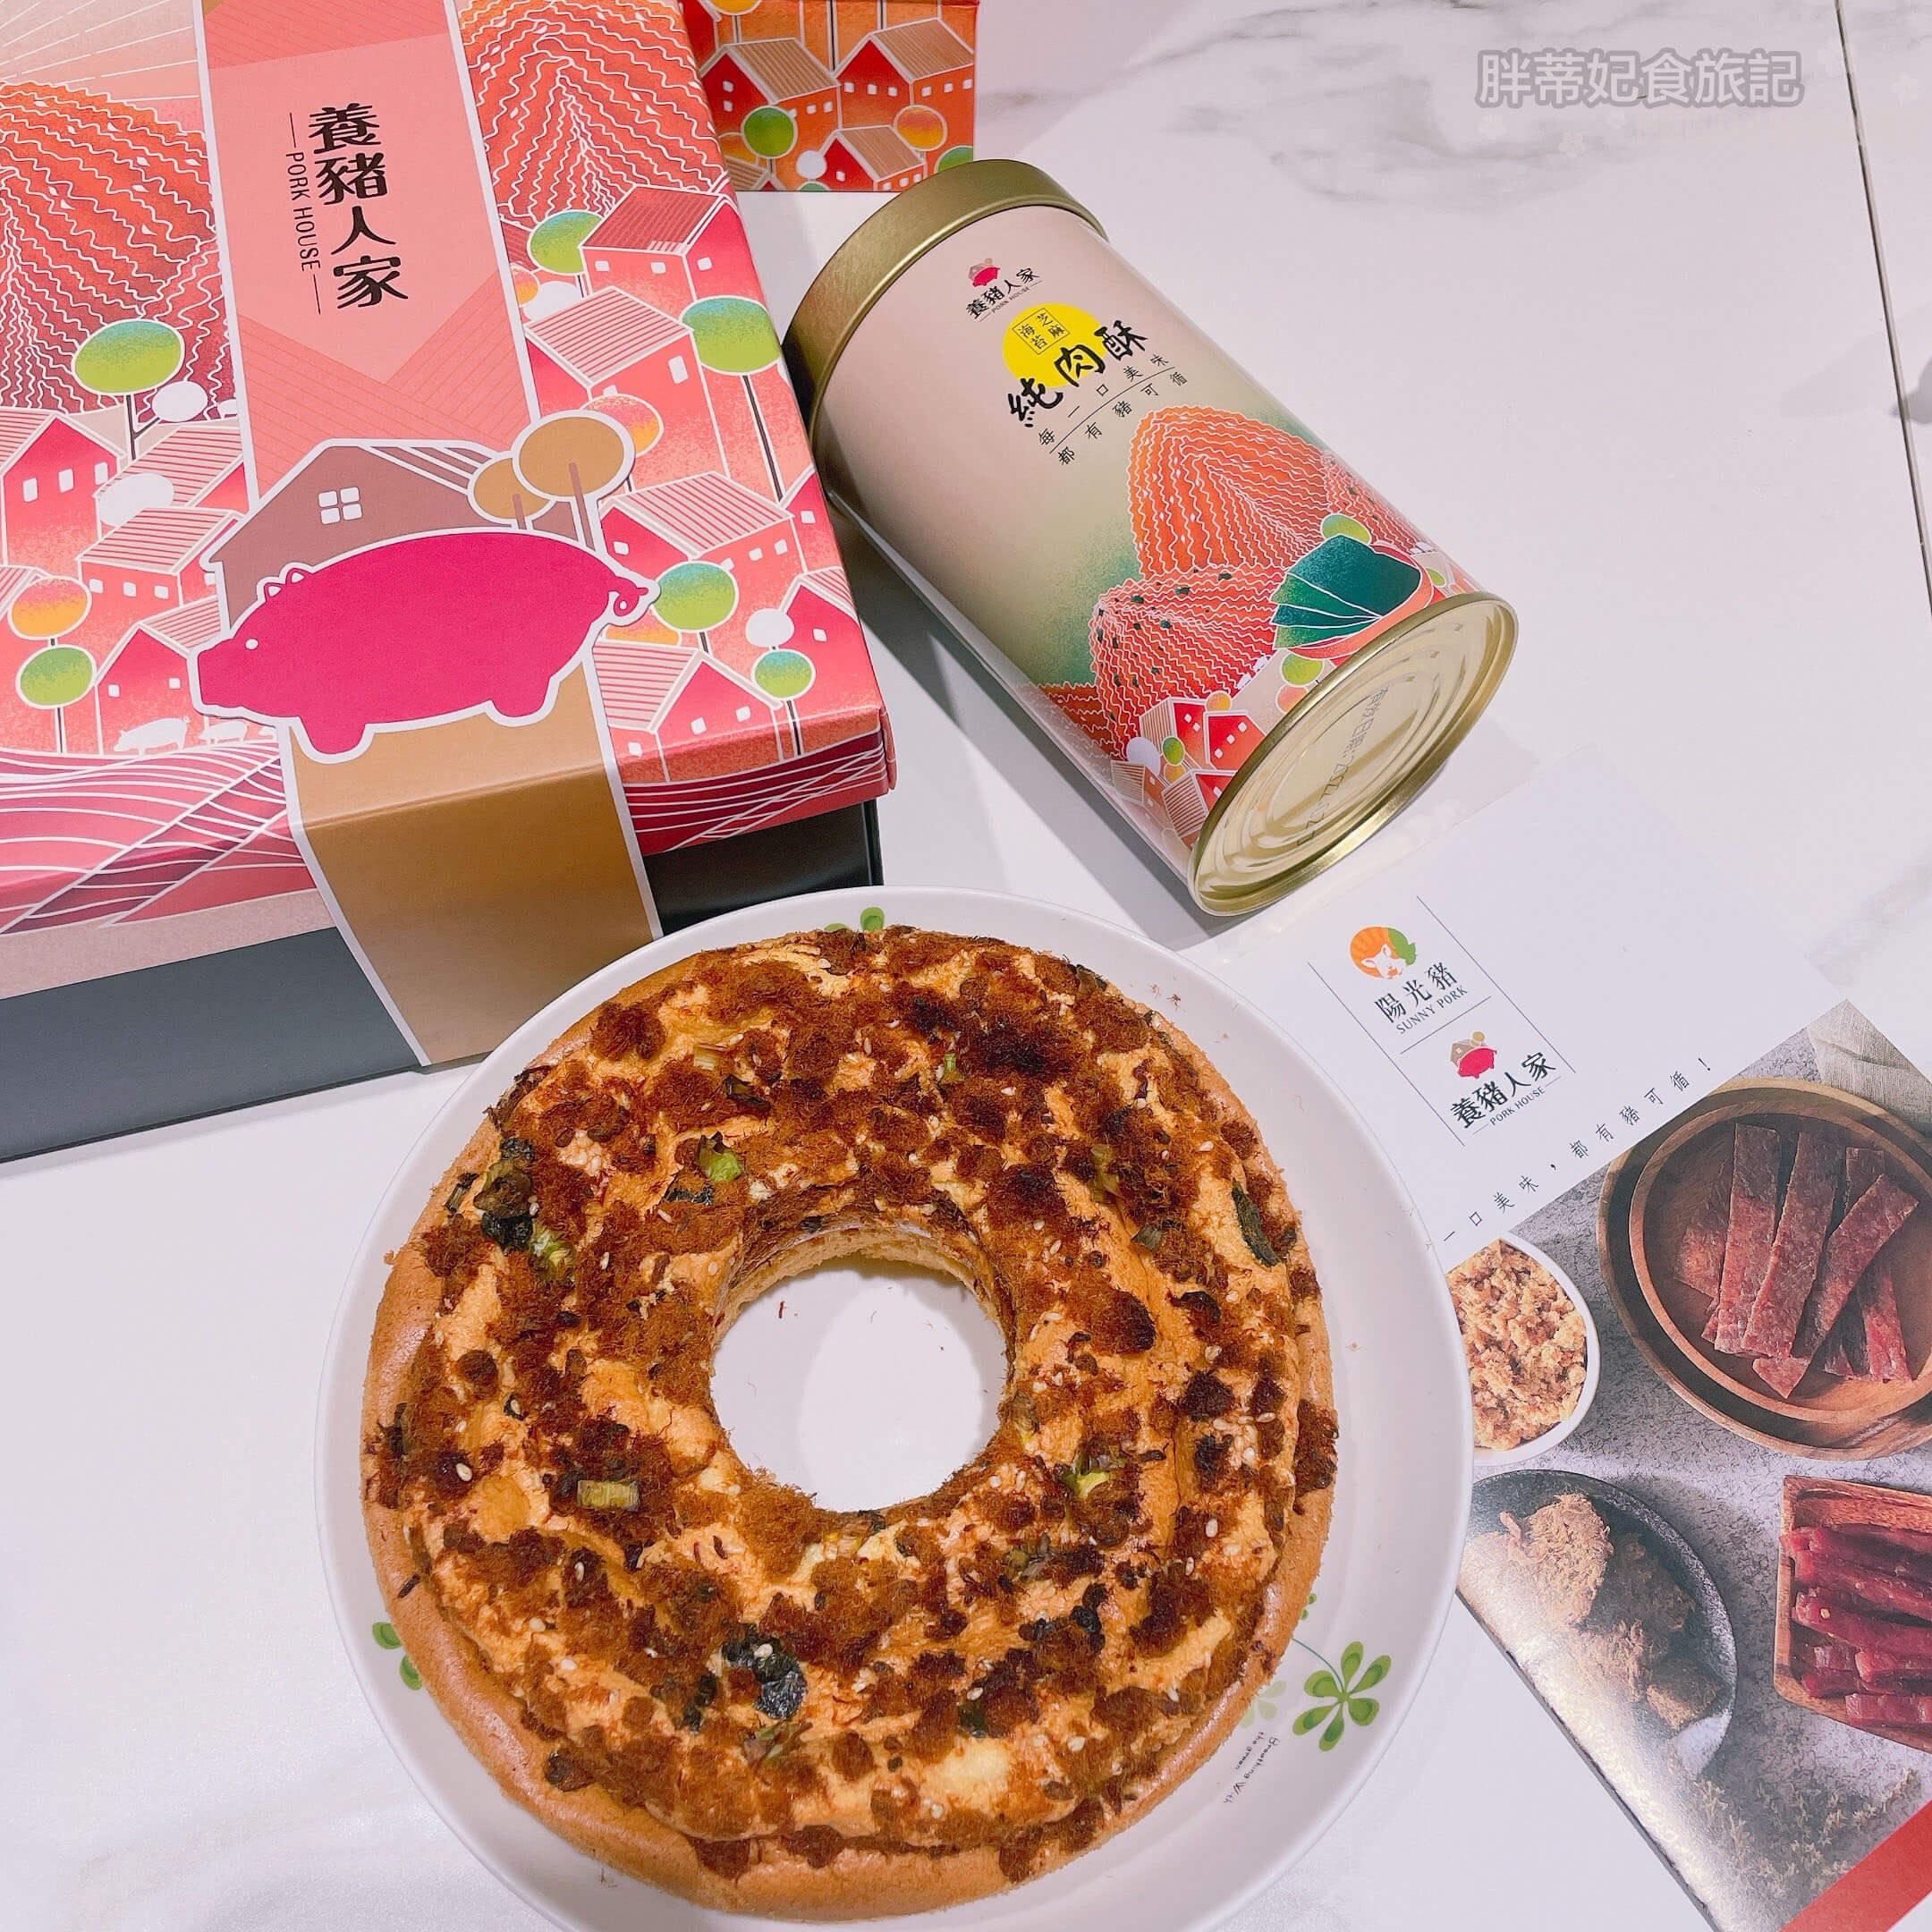 豬肉酥禮盒 芝麻海苔肉酥蛋糕